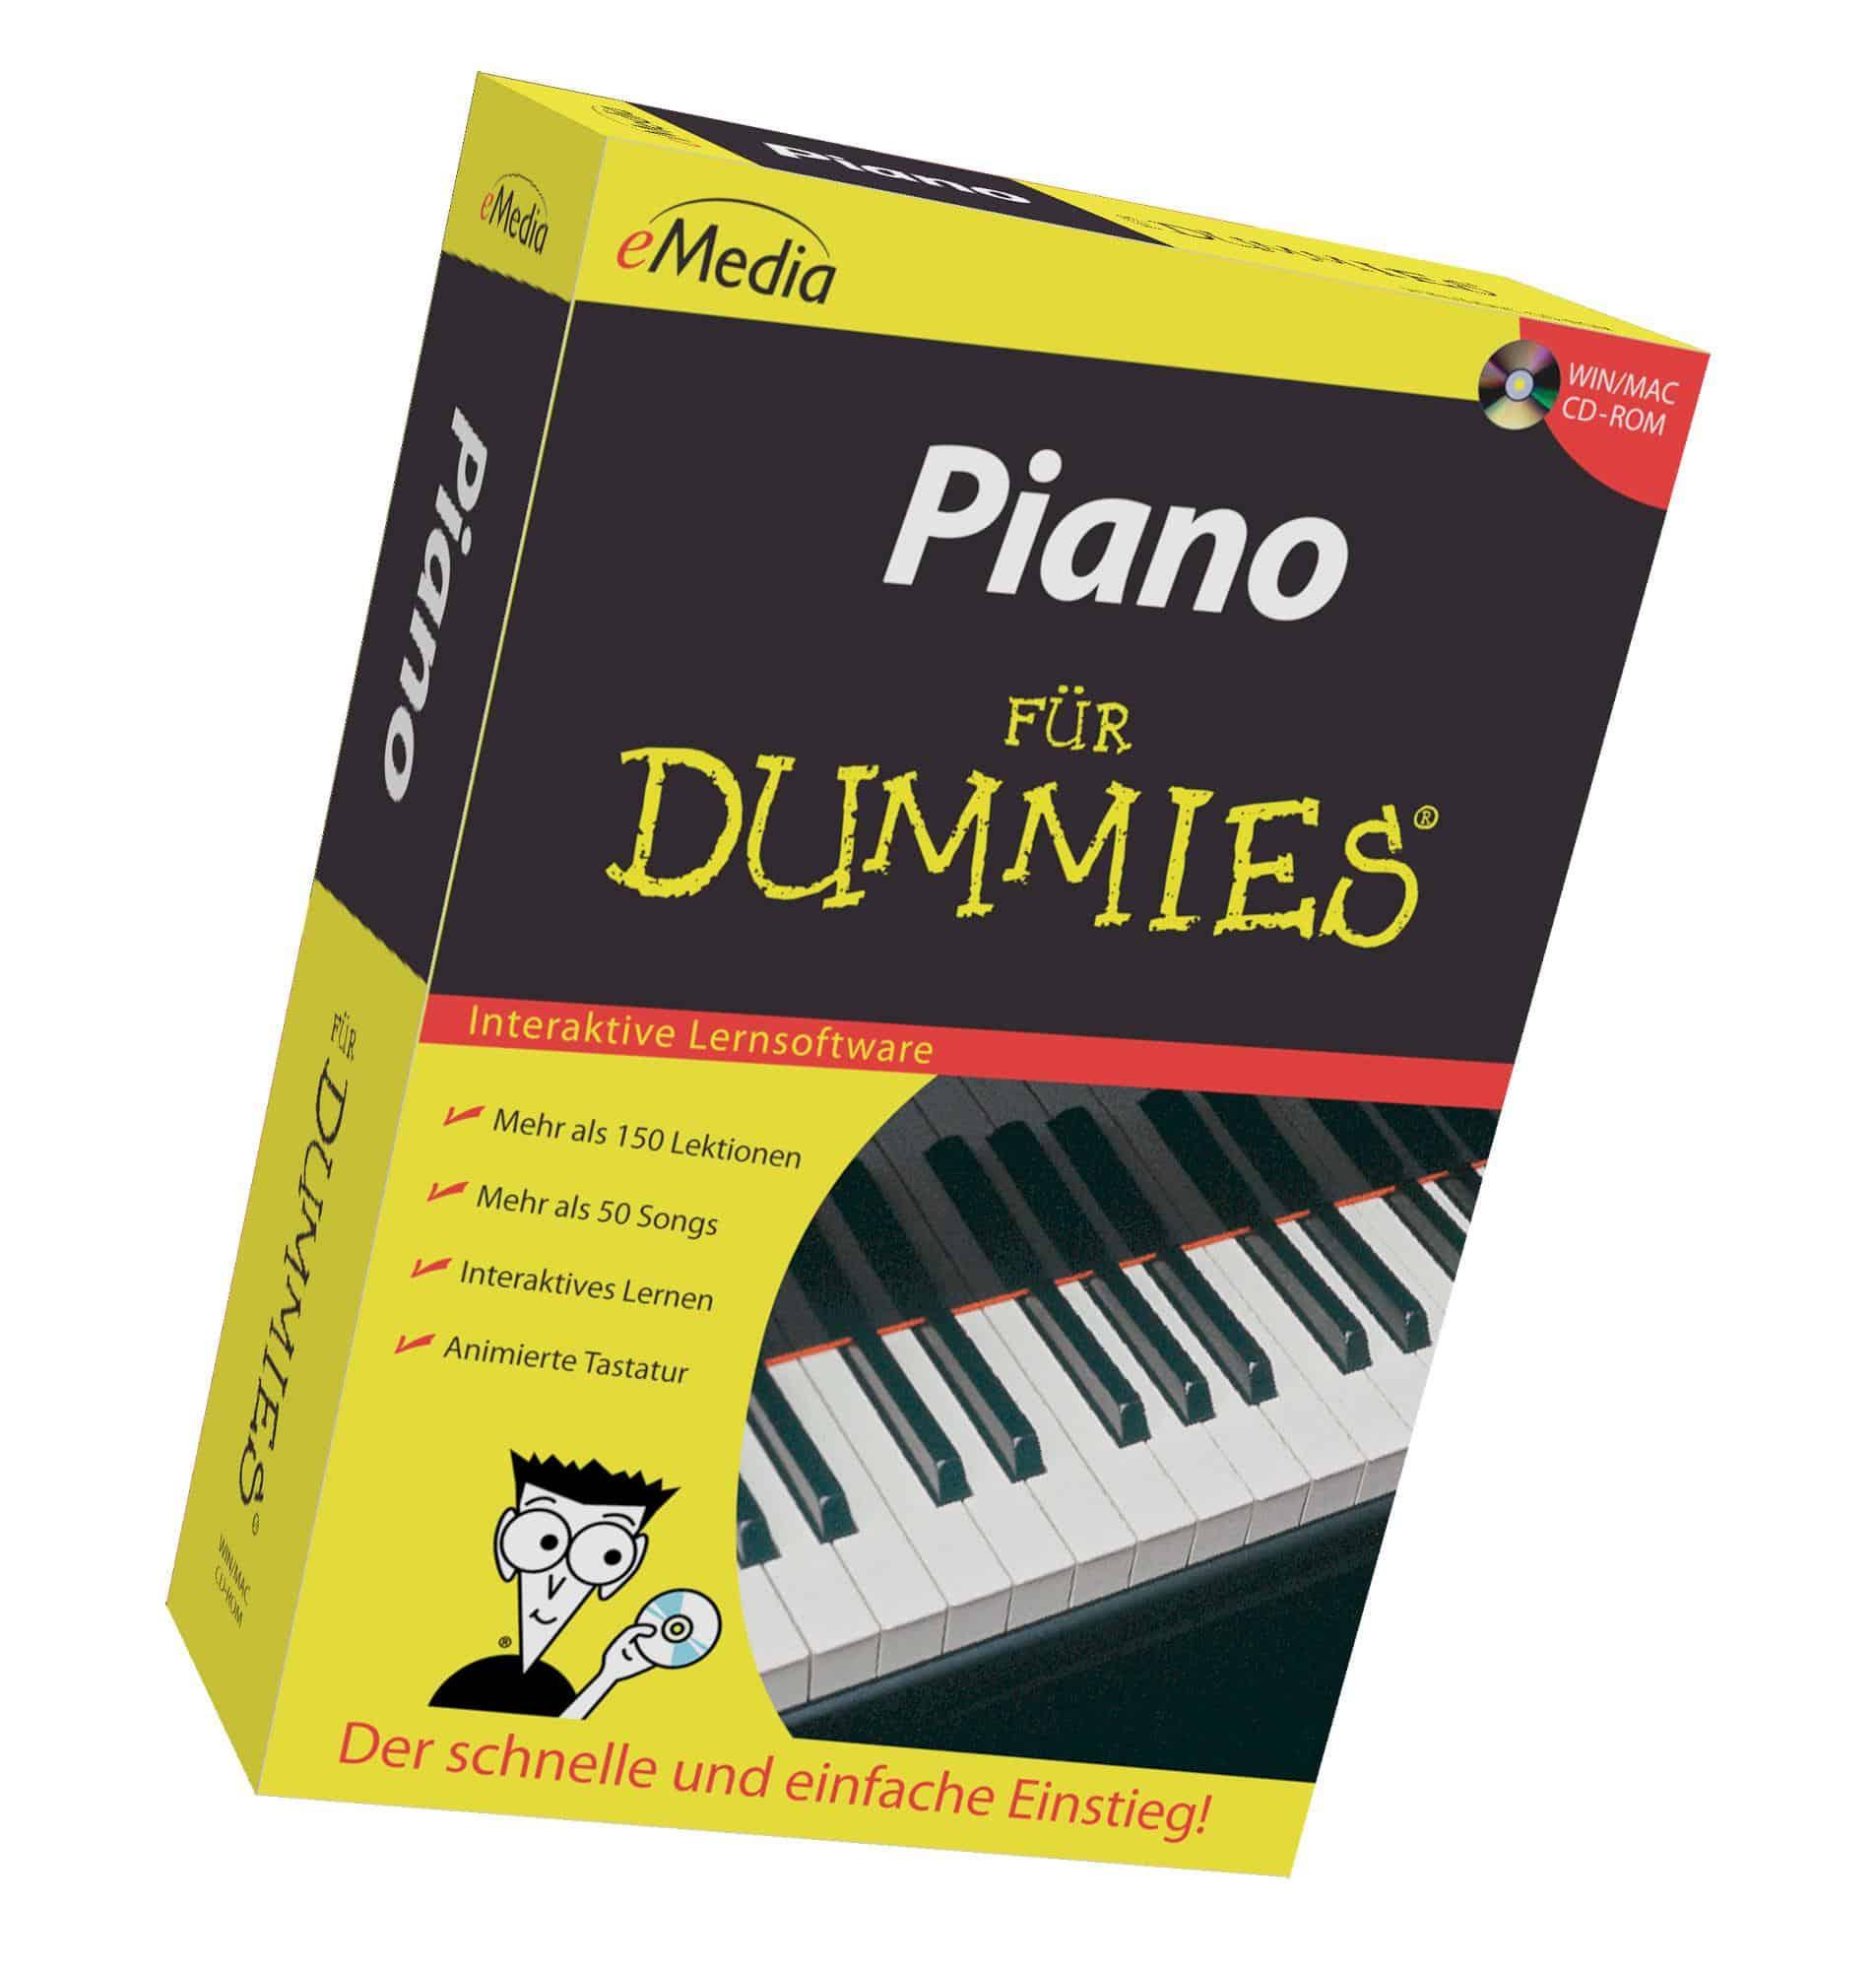 Klavierlernen - eMedia Piano für Dummies Lernsoftware - Onlineshop Musikhaus Kirstein